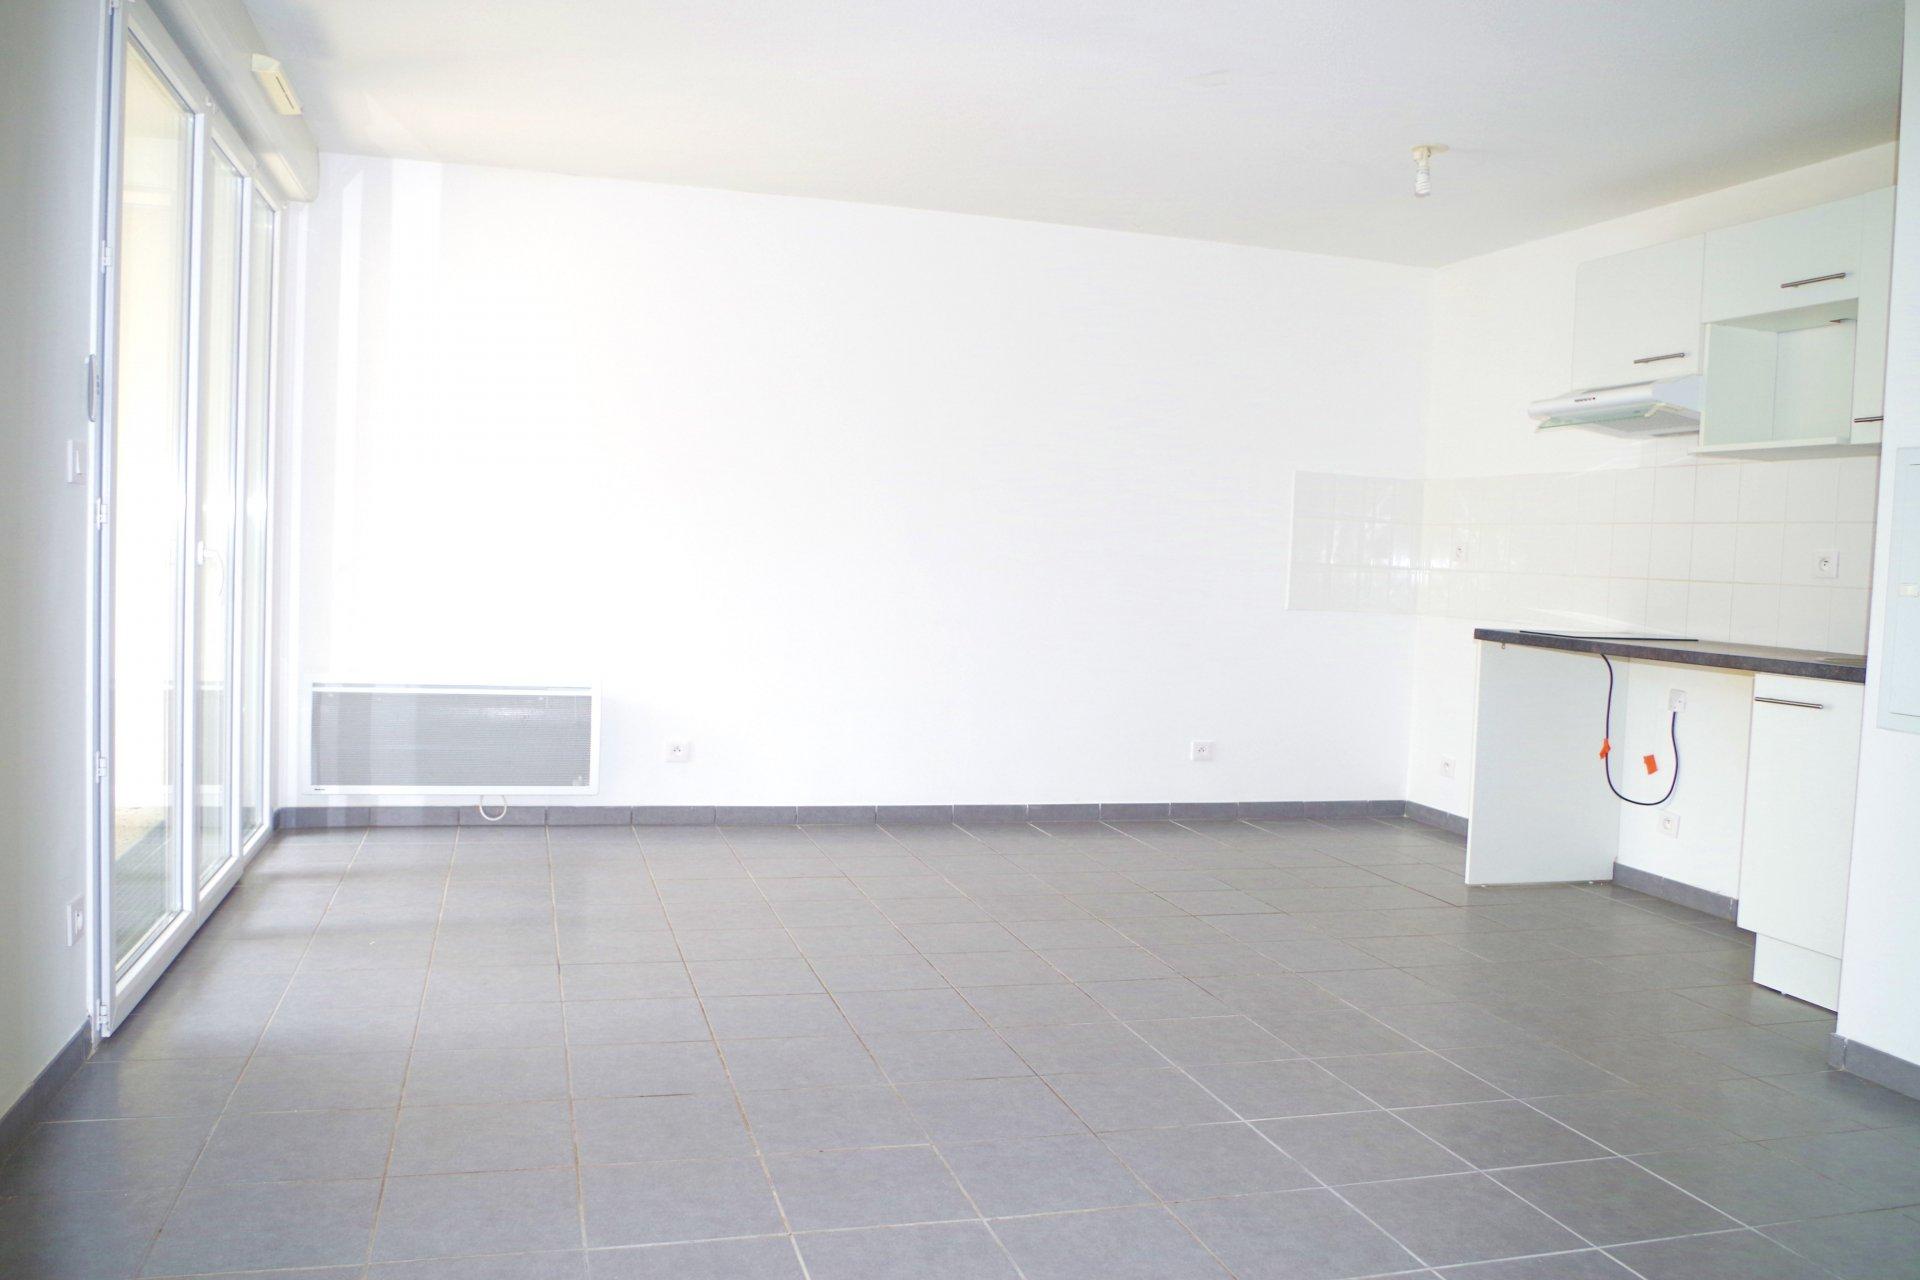 APPARTEMENT T2 - 48 m² - CASTANET TOLOSAN